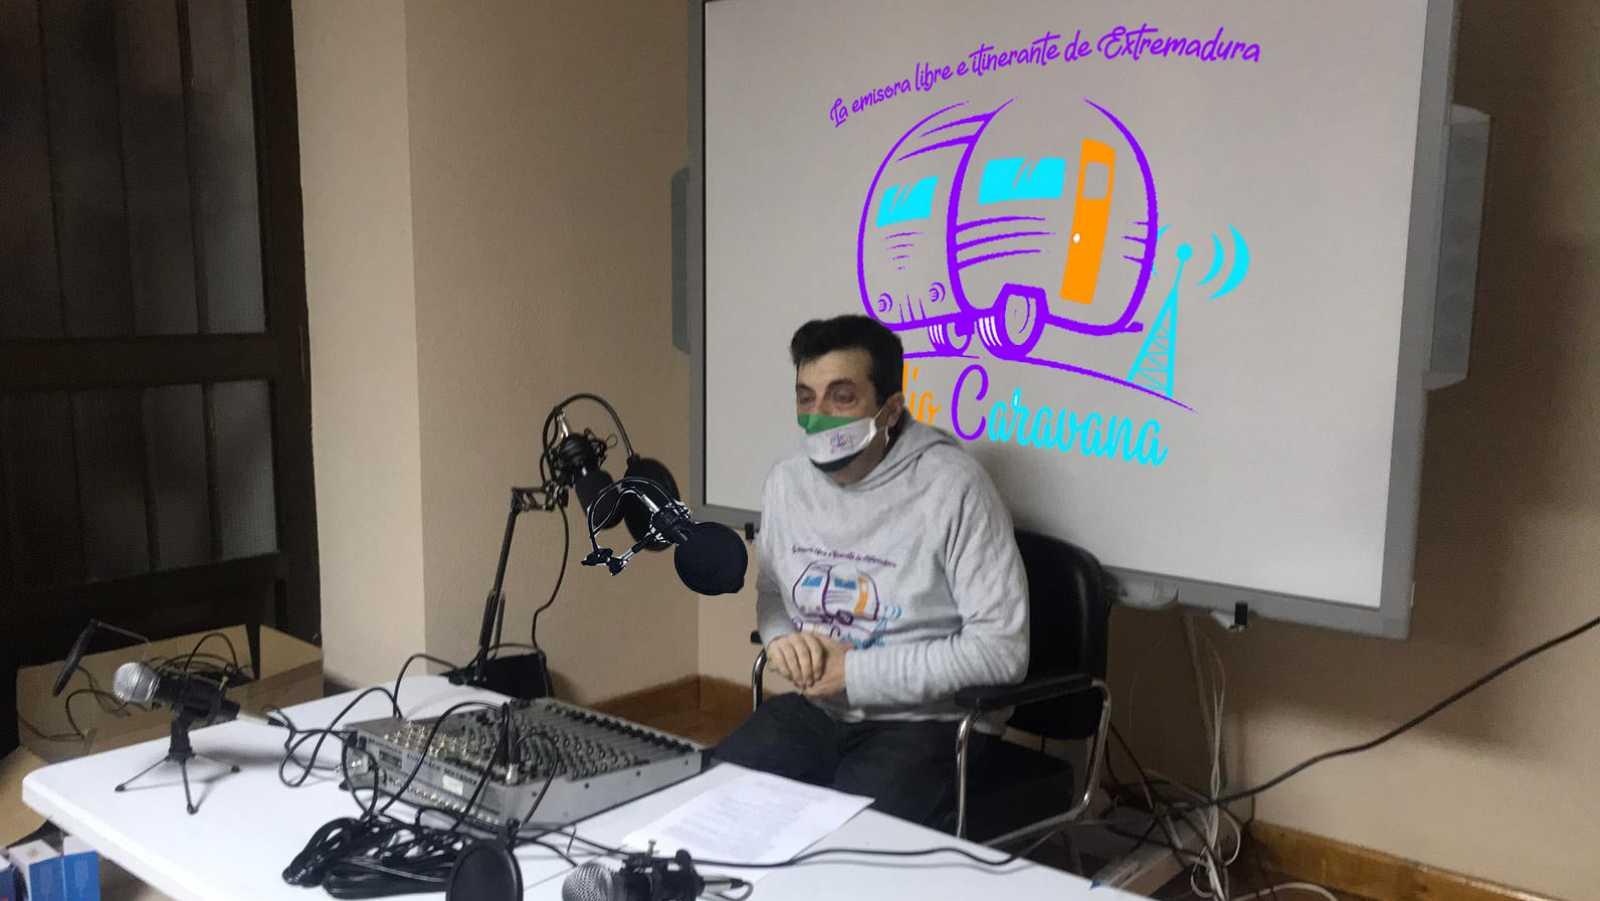 Artesfera - Radio Caravana Extremadura: una emisora de radio para la gente - 06/04/21